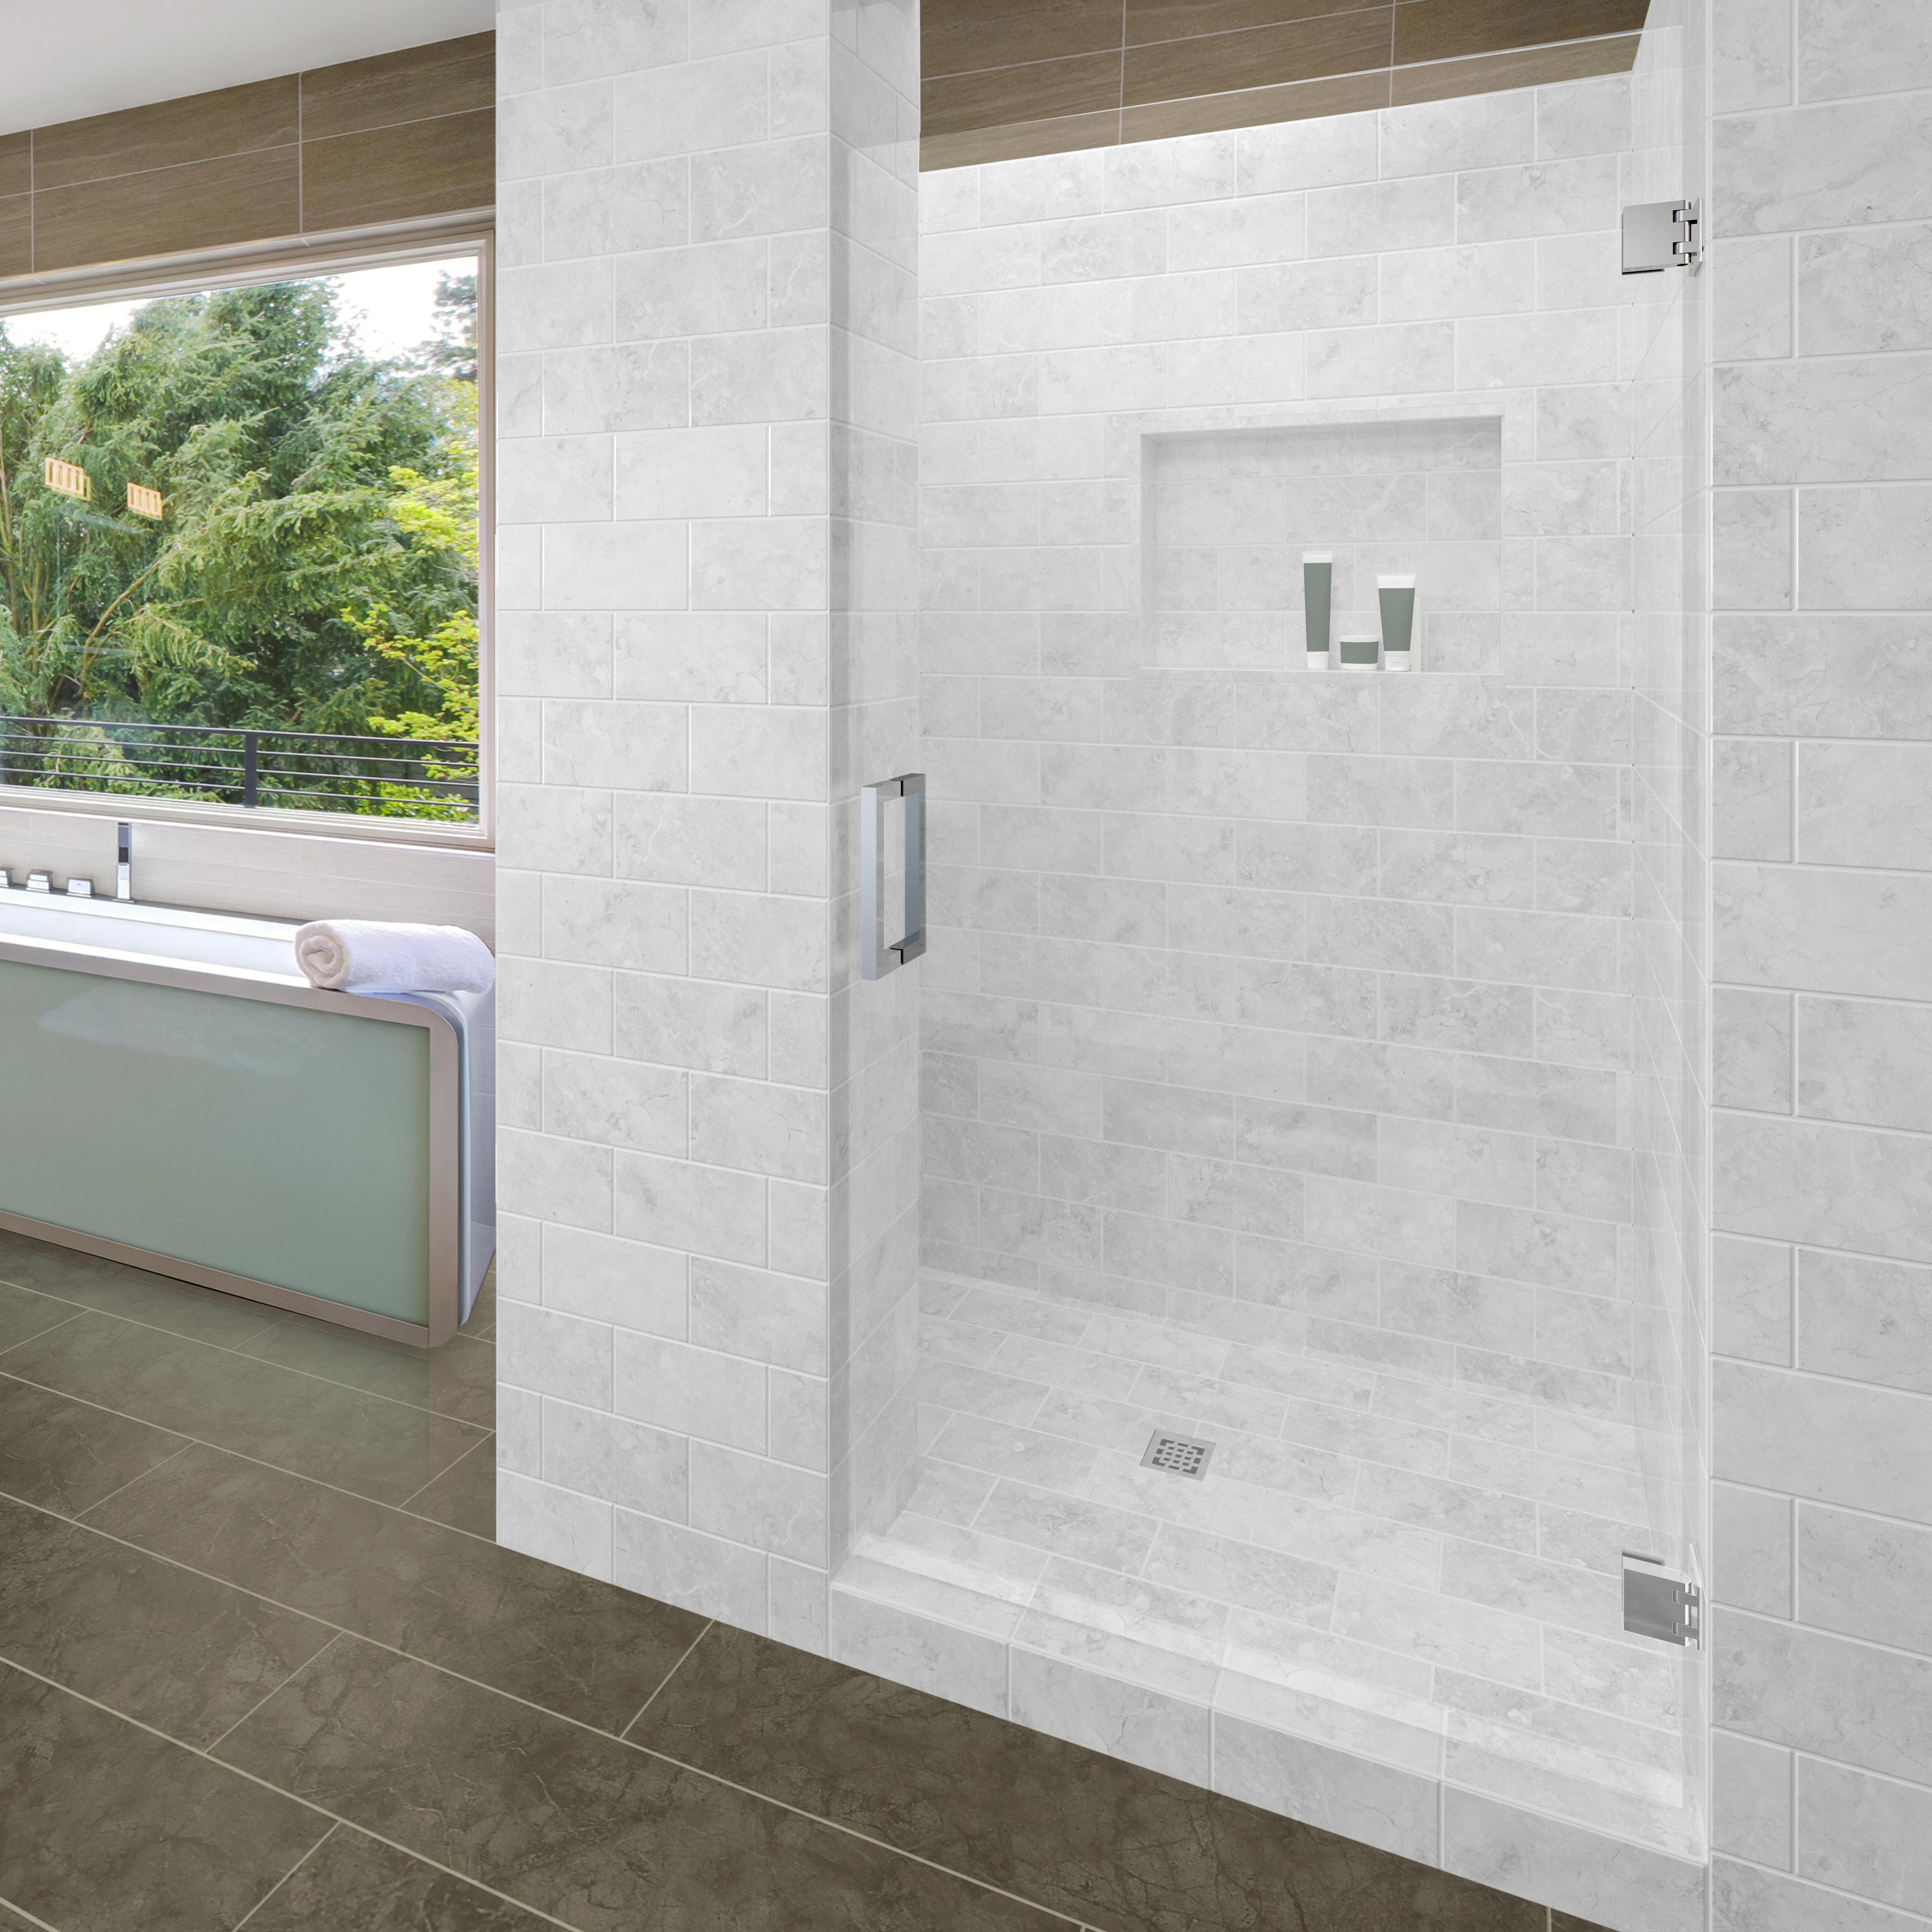 Geolux Frameless 3 8 Inch Glass Swing Shower Door Basco